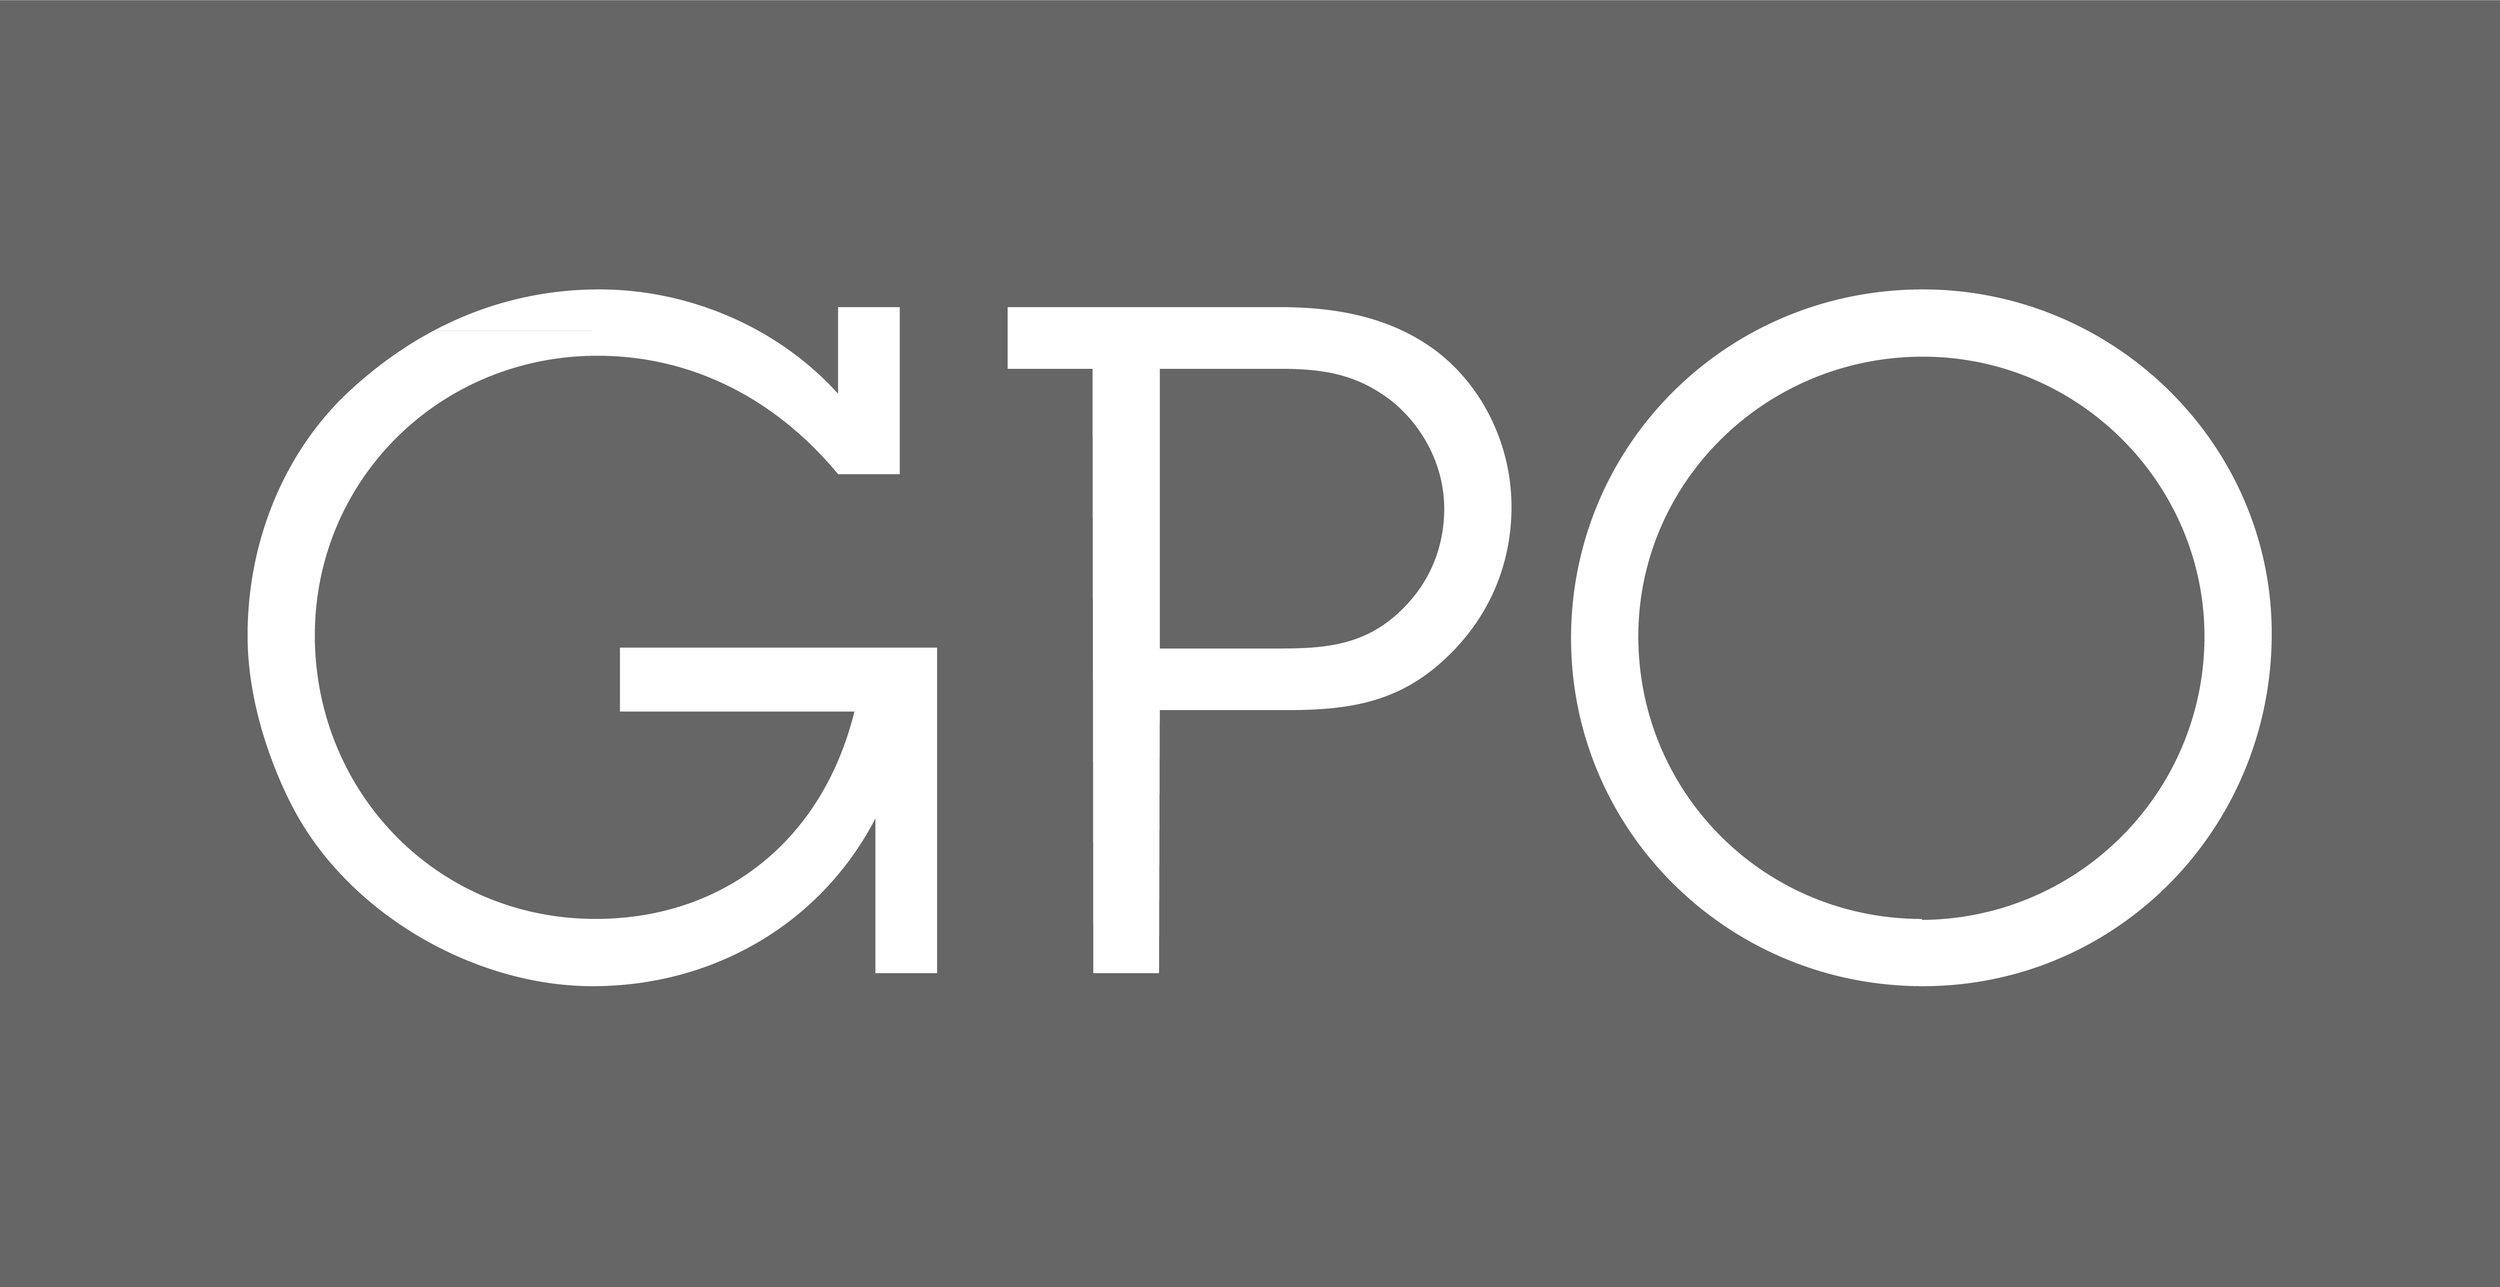 GPO_Logo_Acronym.jpg